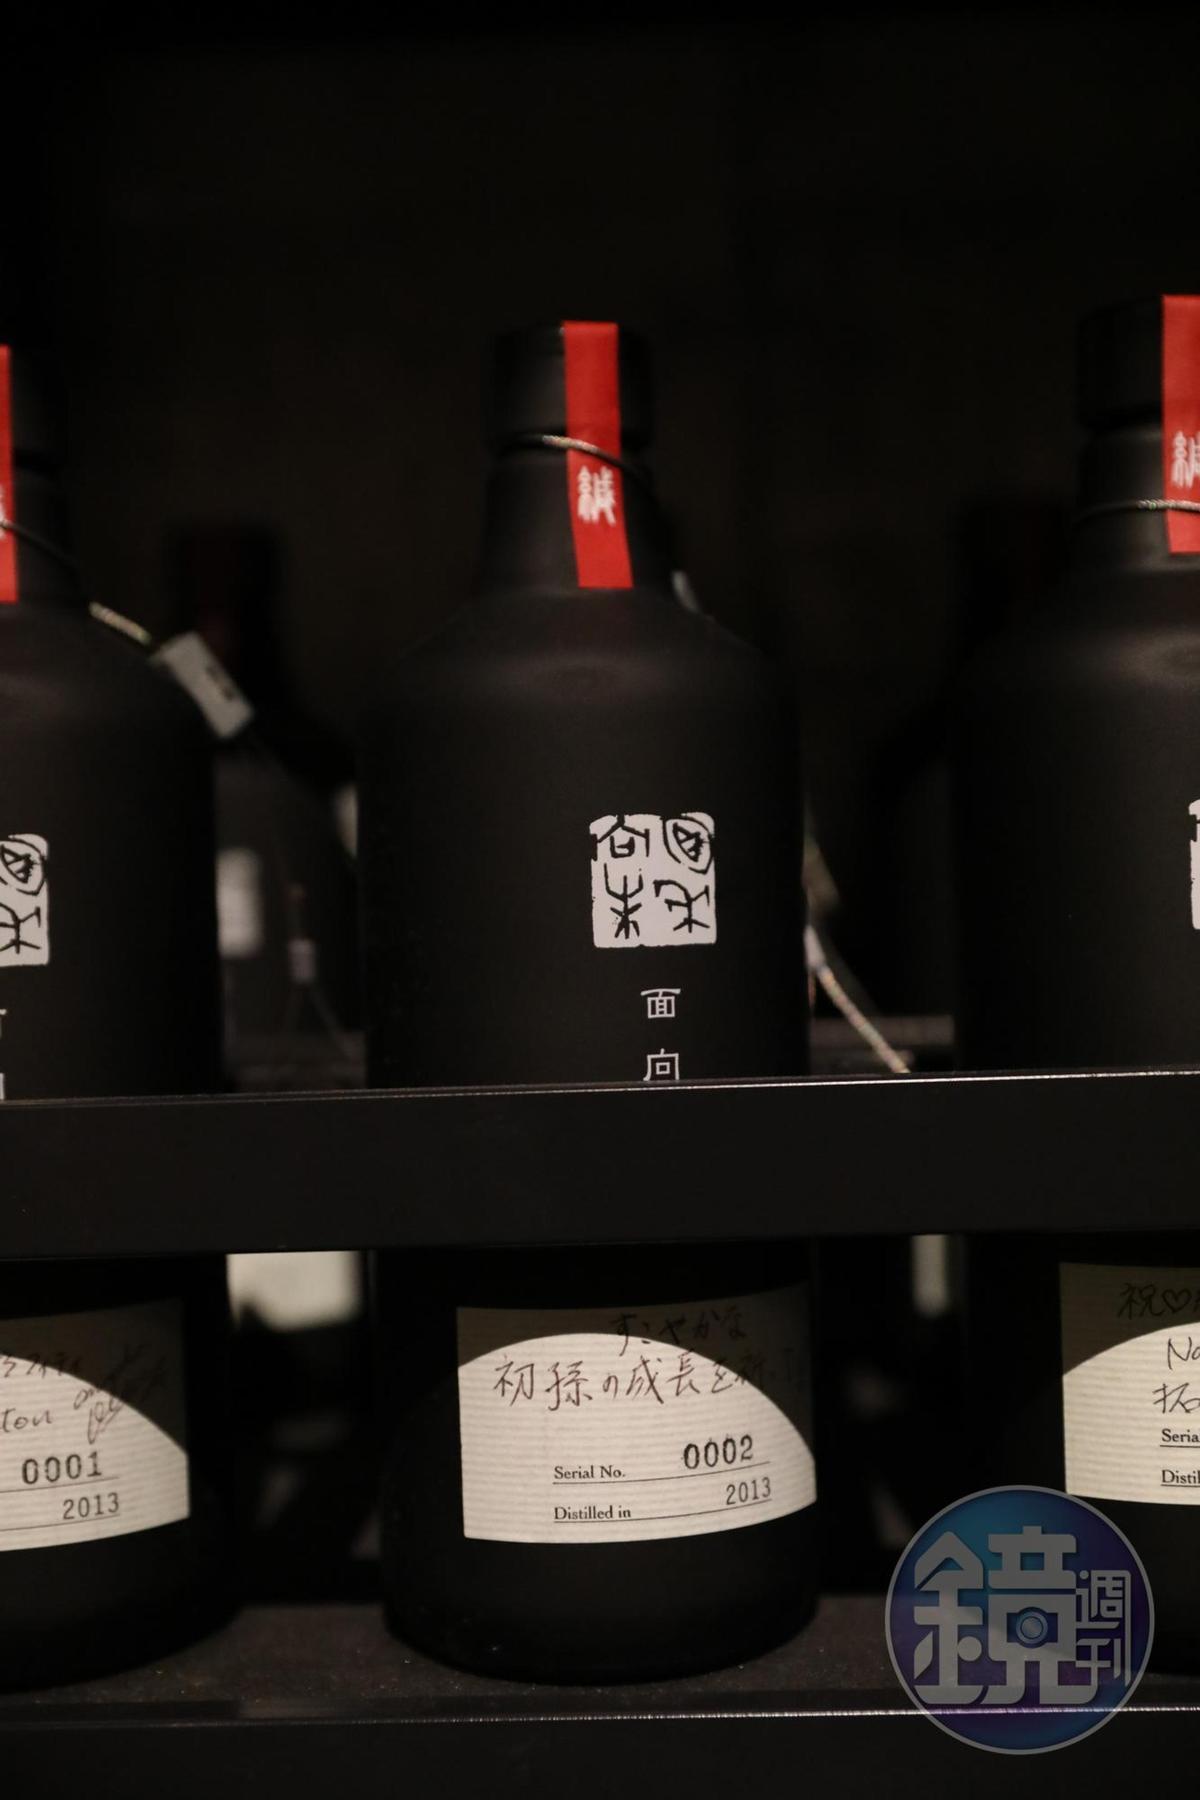 「面向未來」粕取燒酎為提供客人訂製、儲藏雪室五年的紀念酒款。(10,800日圓/瓶,約NT$2,916,海外未上市)